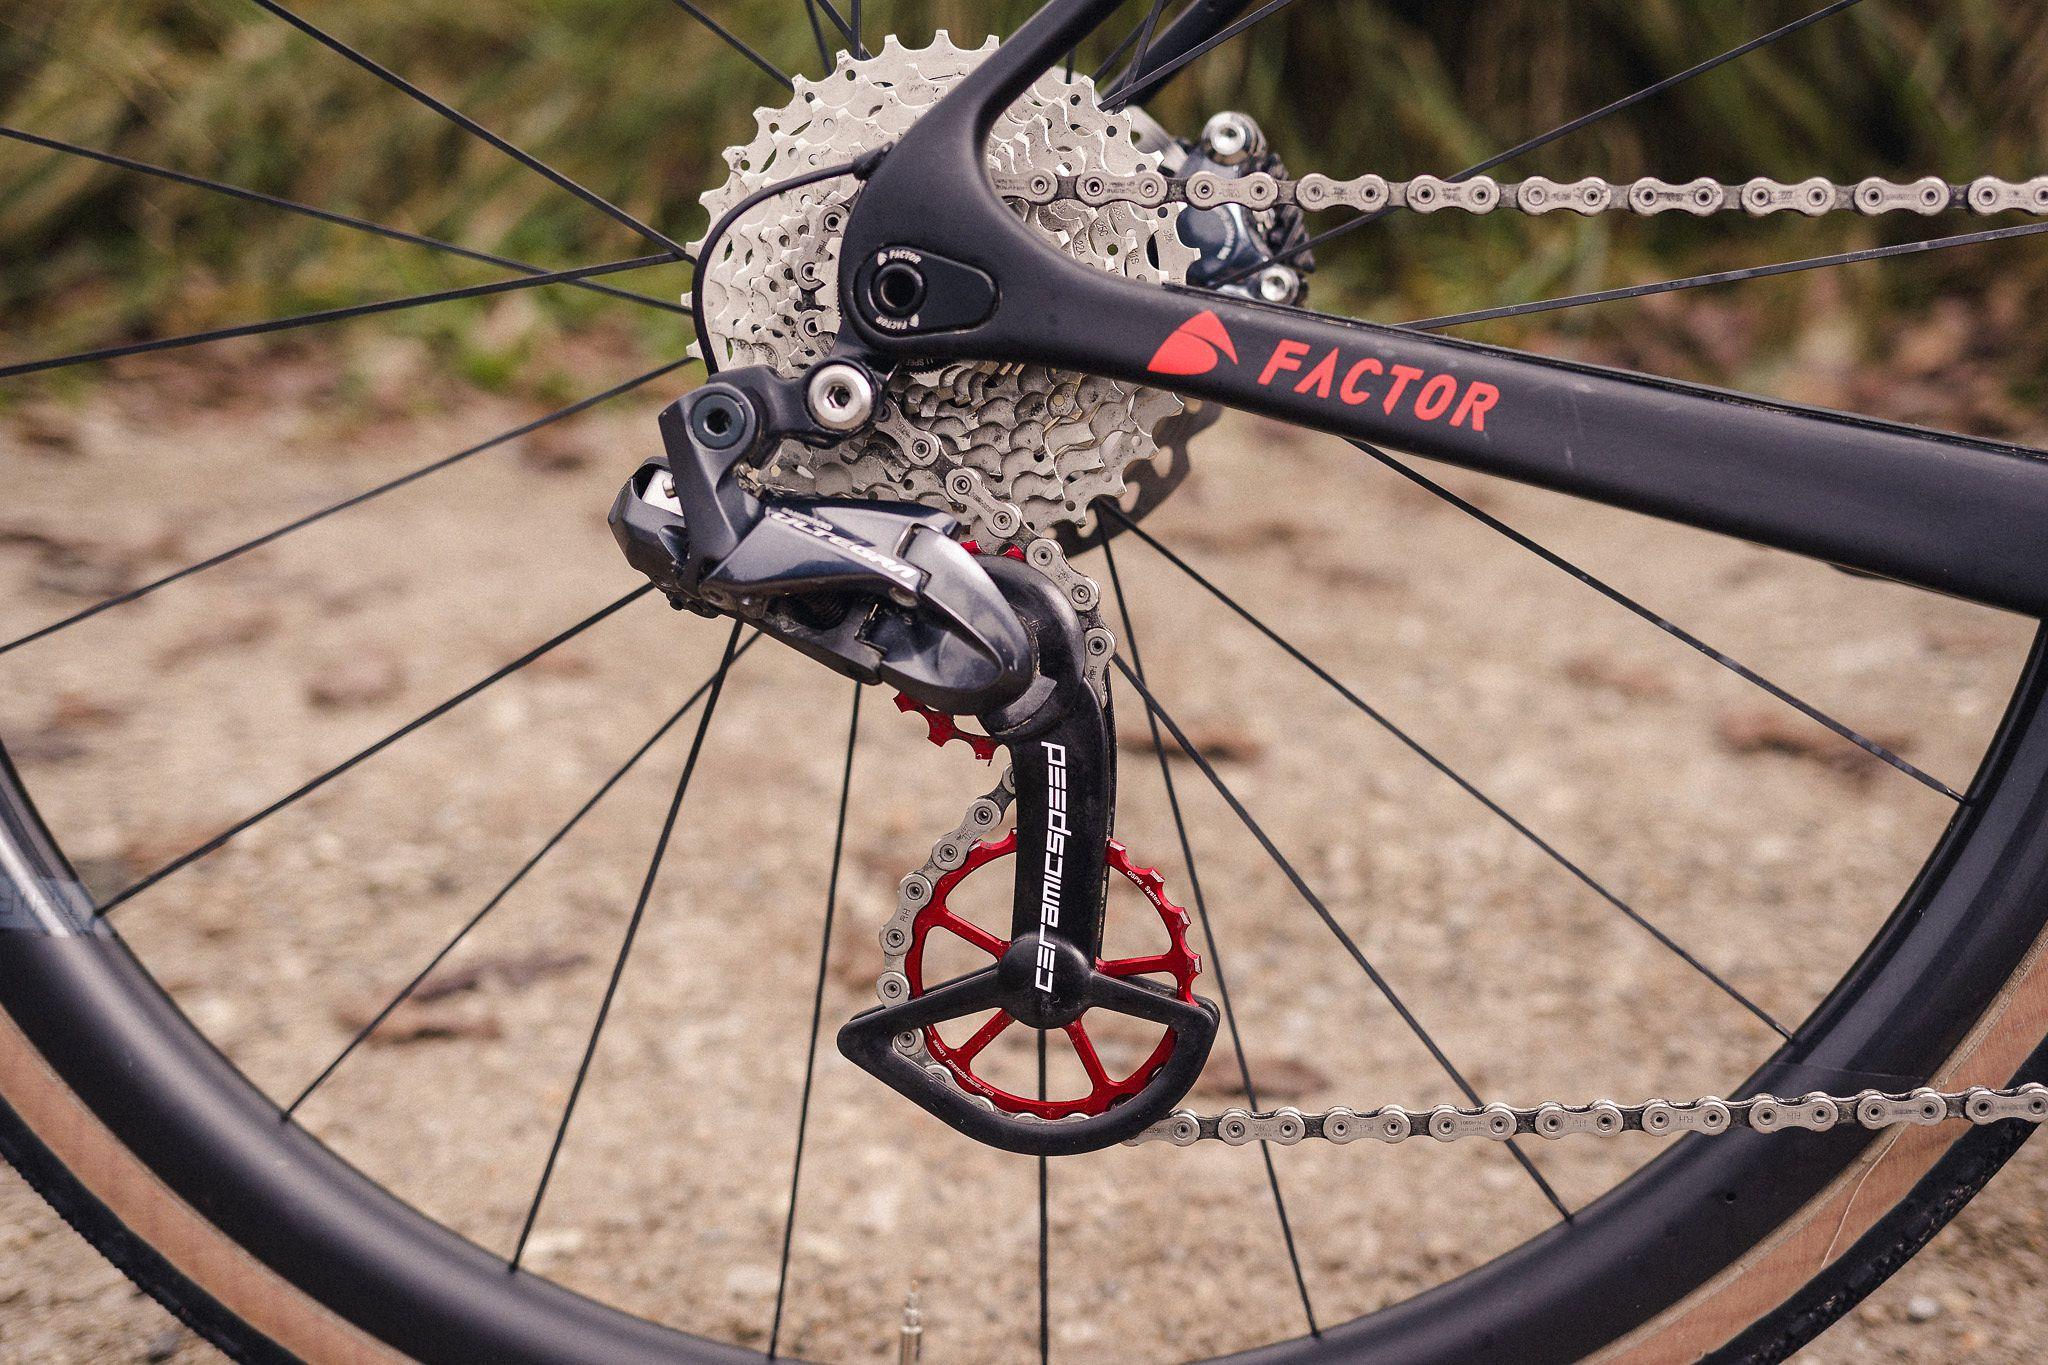 Pri VS Bike lahko izberete tudi barvo CeramicSpeedovega koleščka, na katerega lahko tudi napišejo ... vaše ime, na primer.